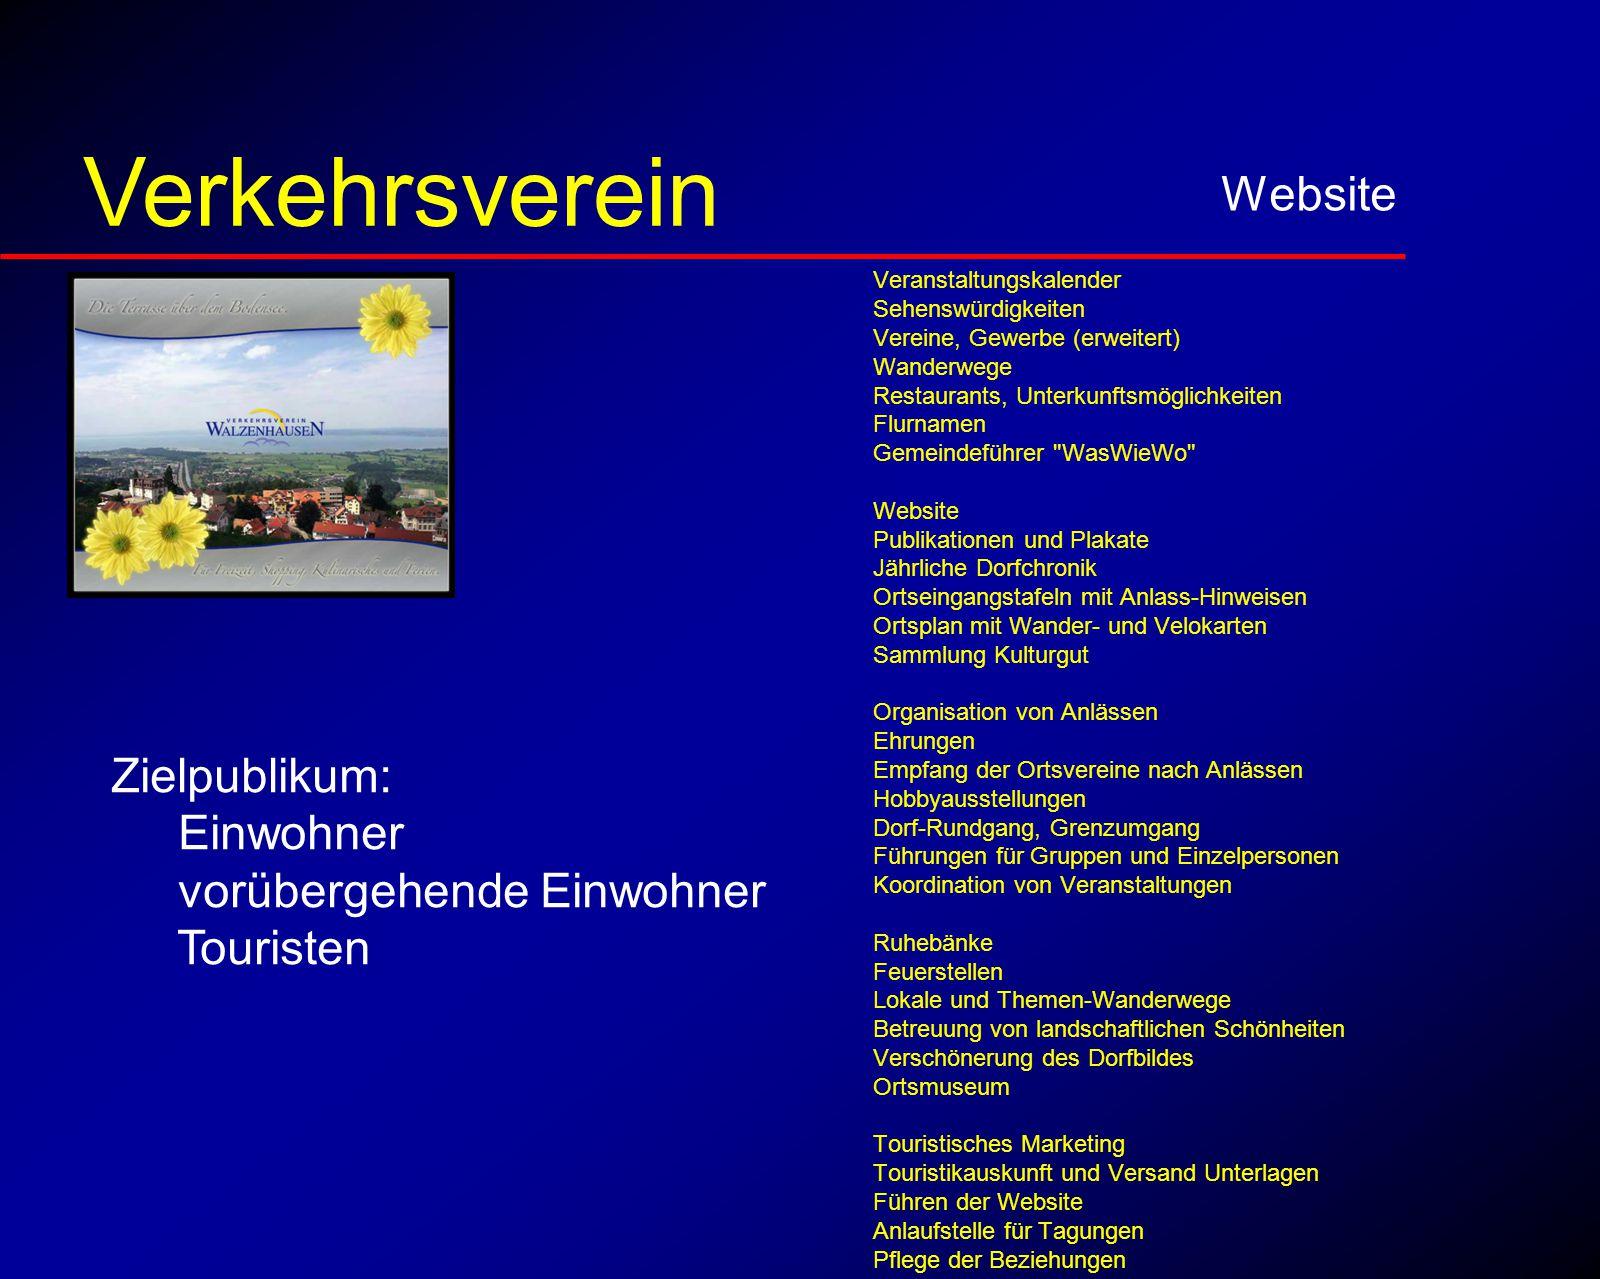 Website Verkehrsverein Veranstaltungskalender Sehenswürdigkeiten Vereine, Gewerbe (erweitert) Wanderwege Restaurants, Unterkunftsmöglichkeiten Flurnam